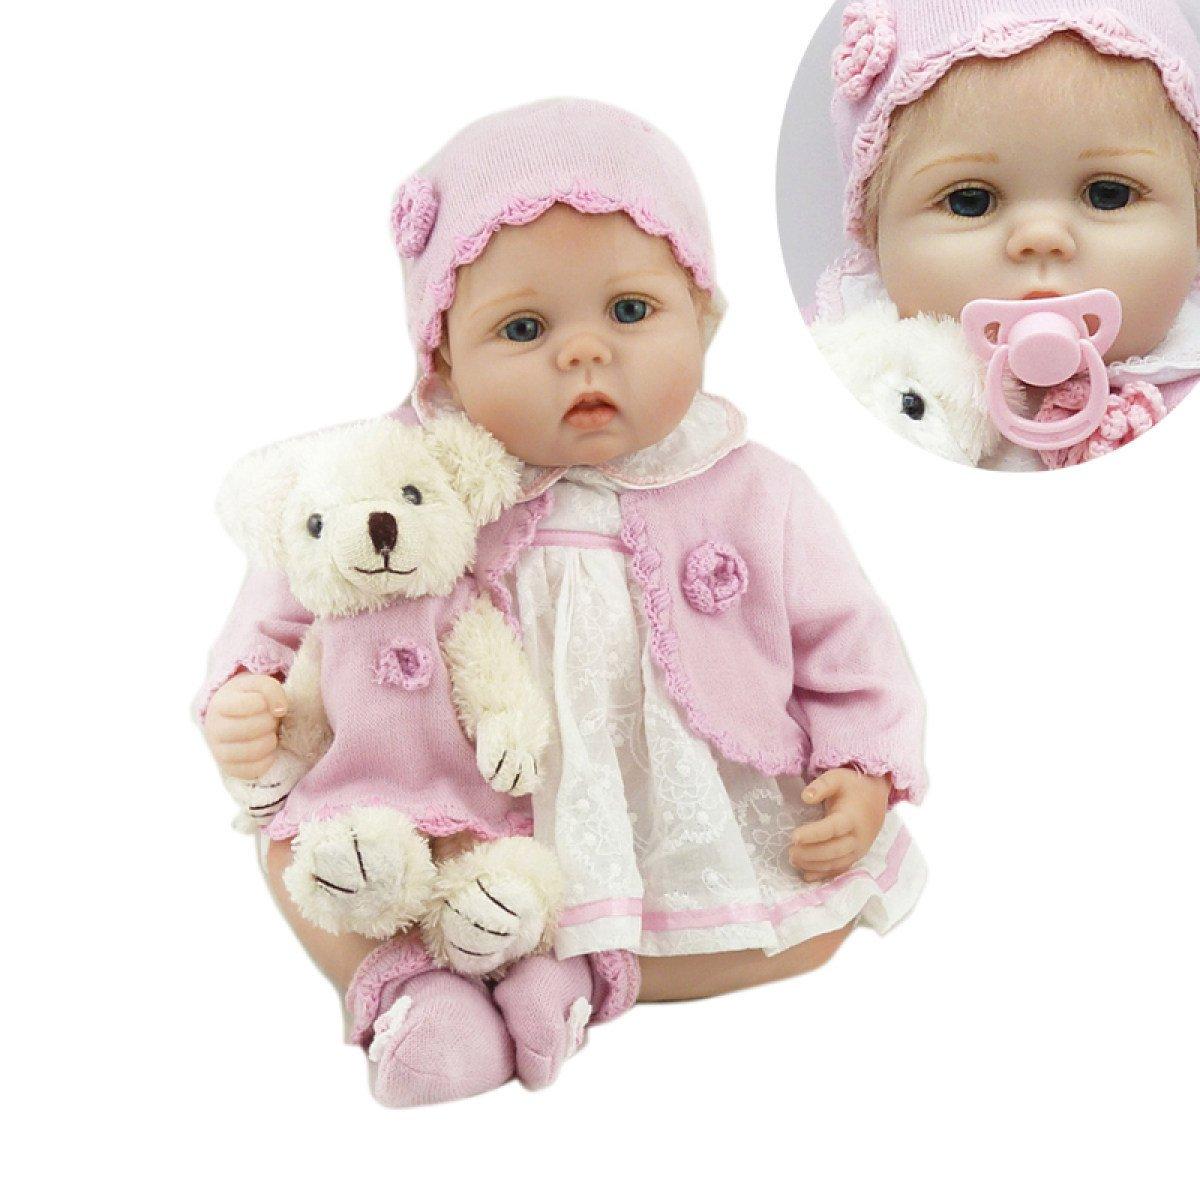 YIHANG Reborn Baby Puppen Handgemachte Lebensechte Realistische Silikon Vinyl Vinyl Vinyl Baby Puppe Magnetische Mund Weichen Simulation 22 Zoll 55 Cm Augen Offen Kinder Lieblings Geschenk 055dbf